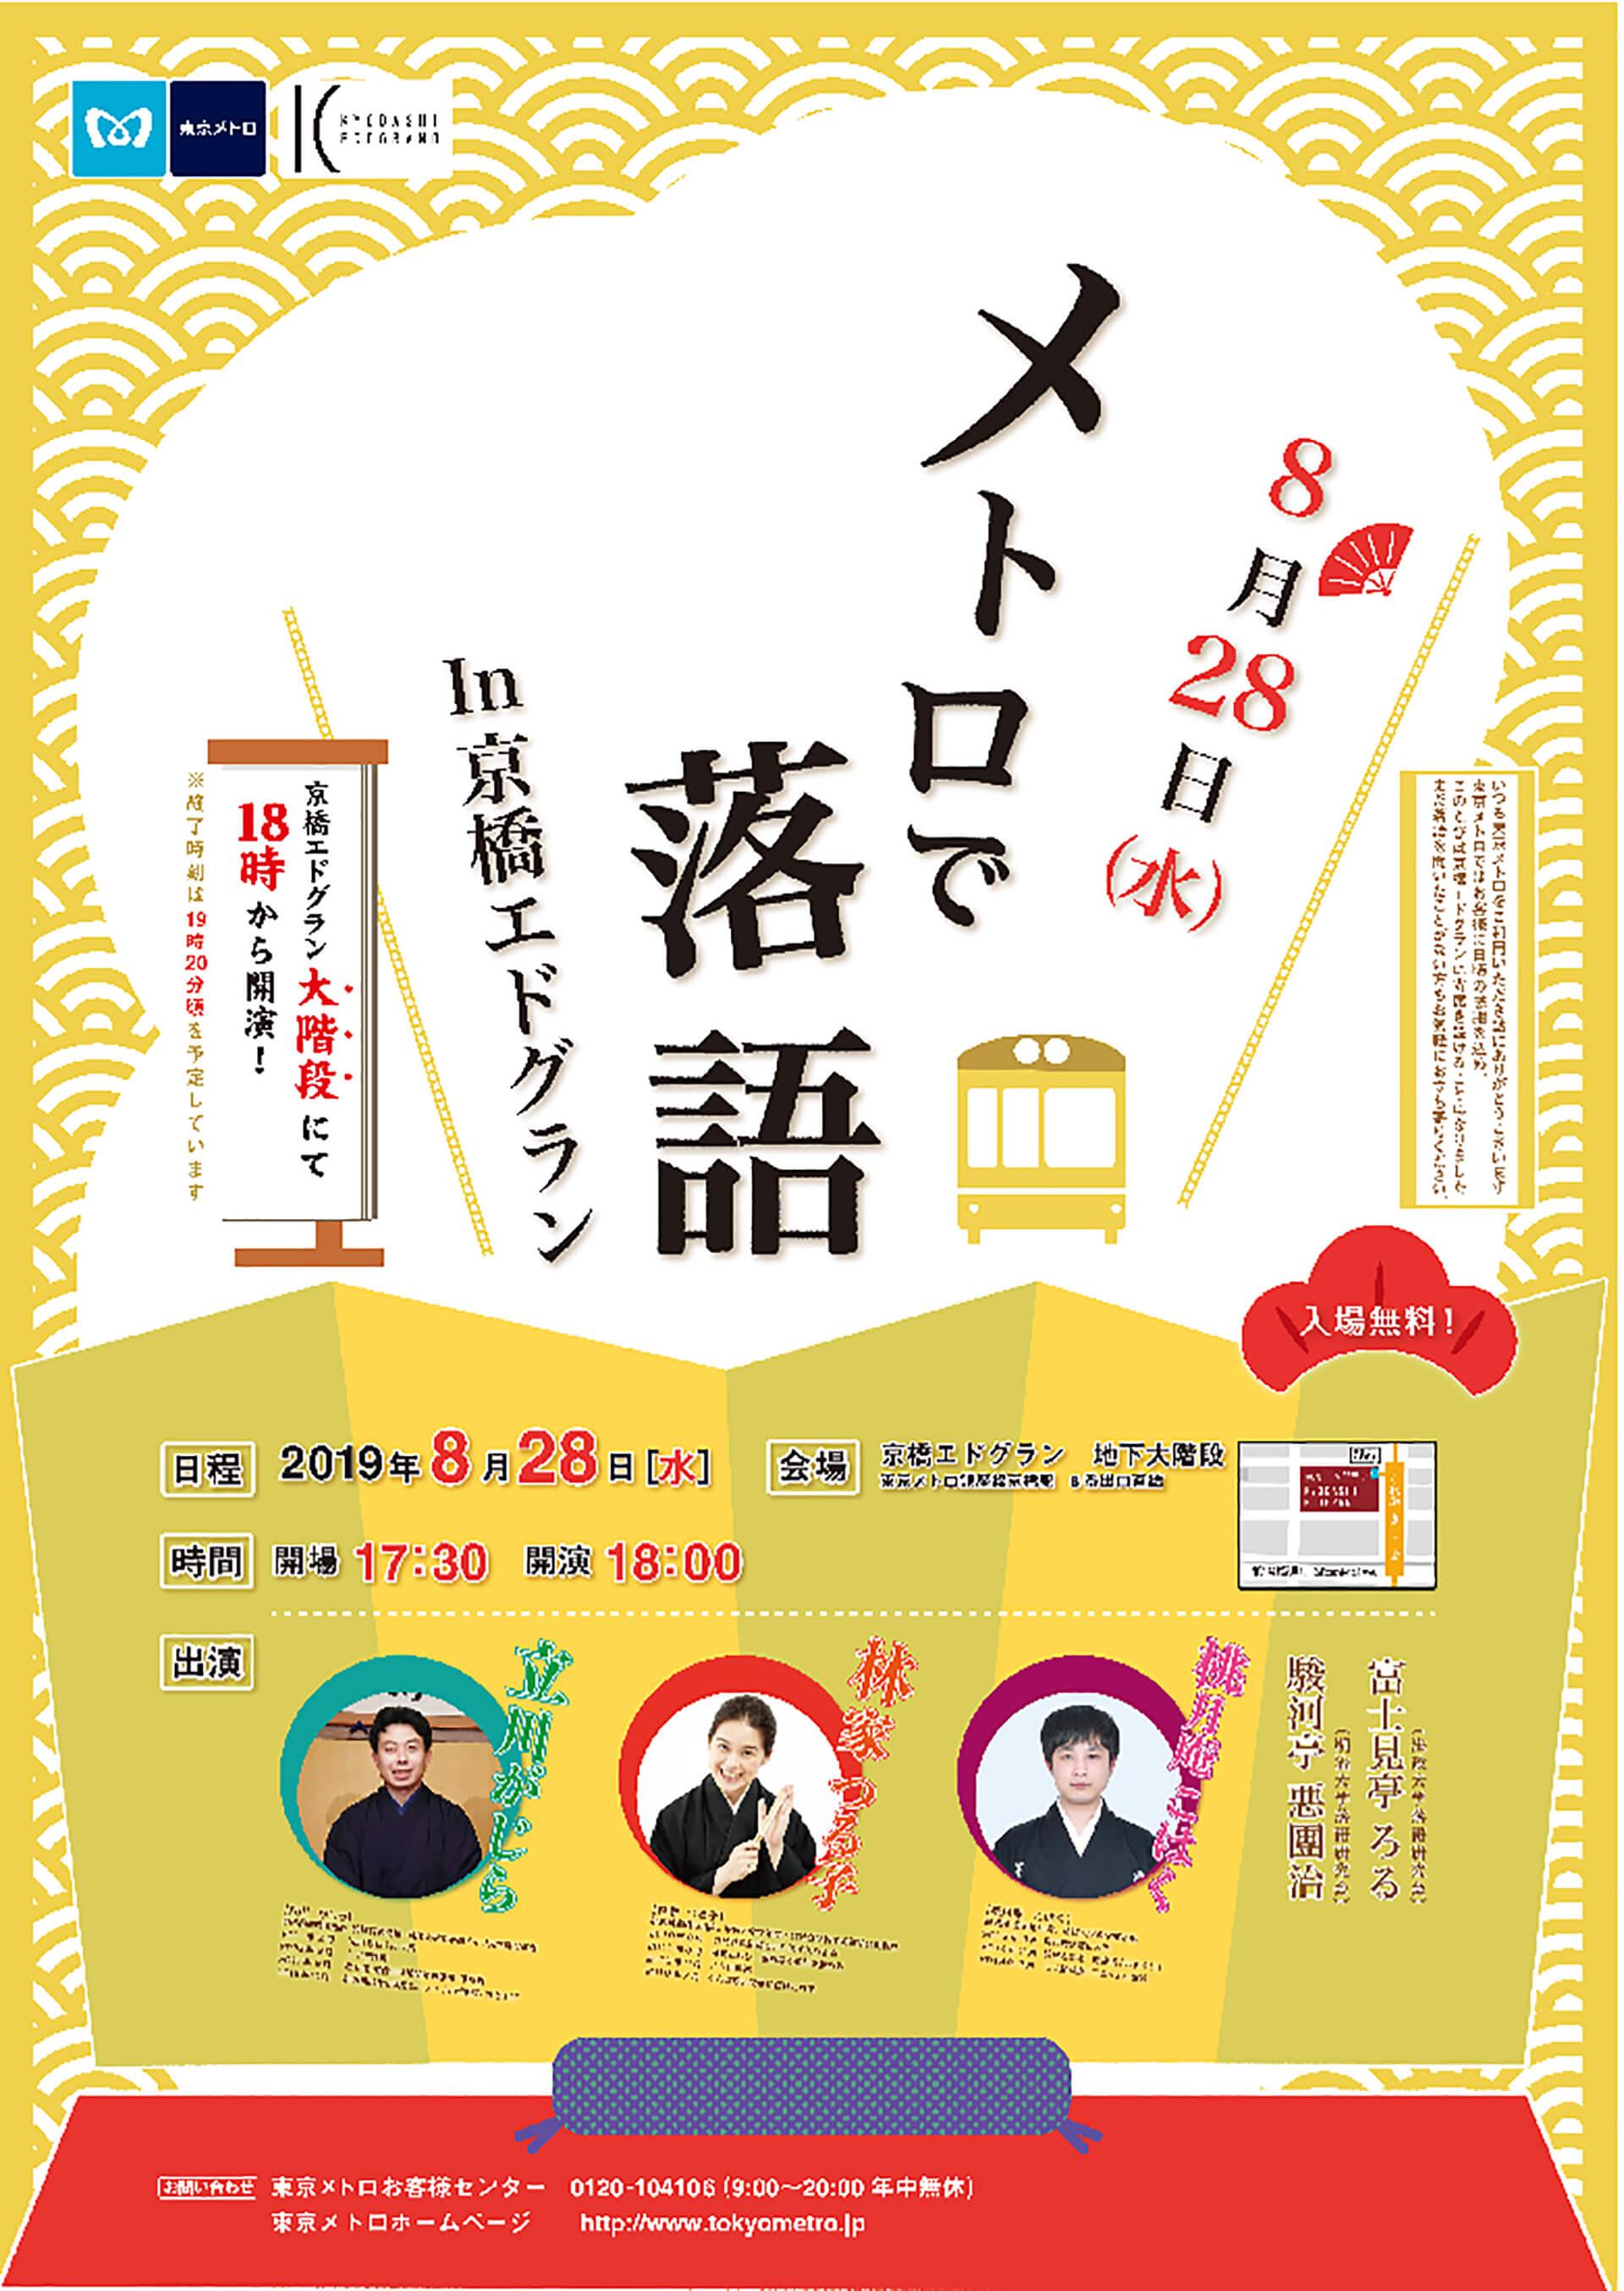 メトロで落語 in 京橋エドグランのポスター